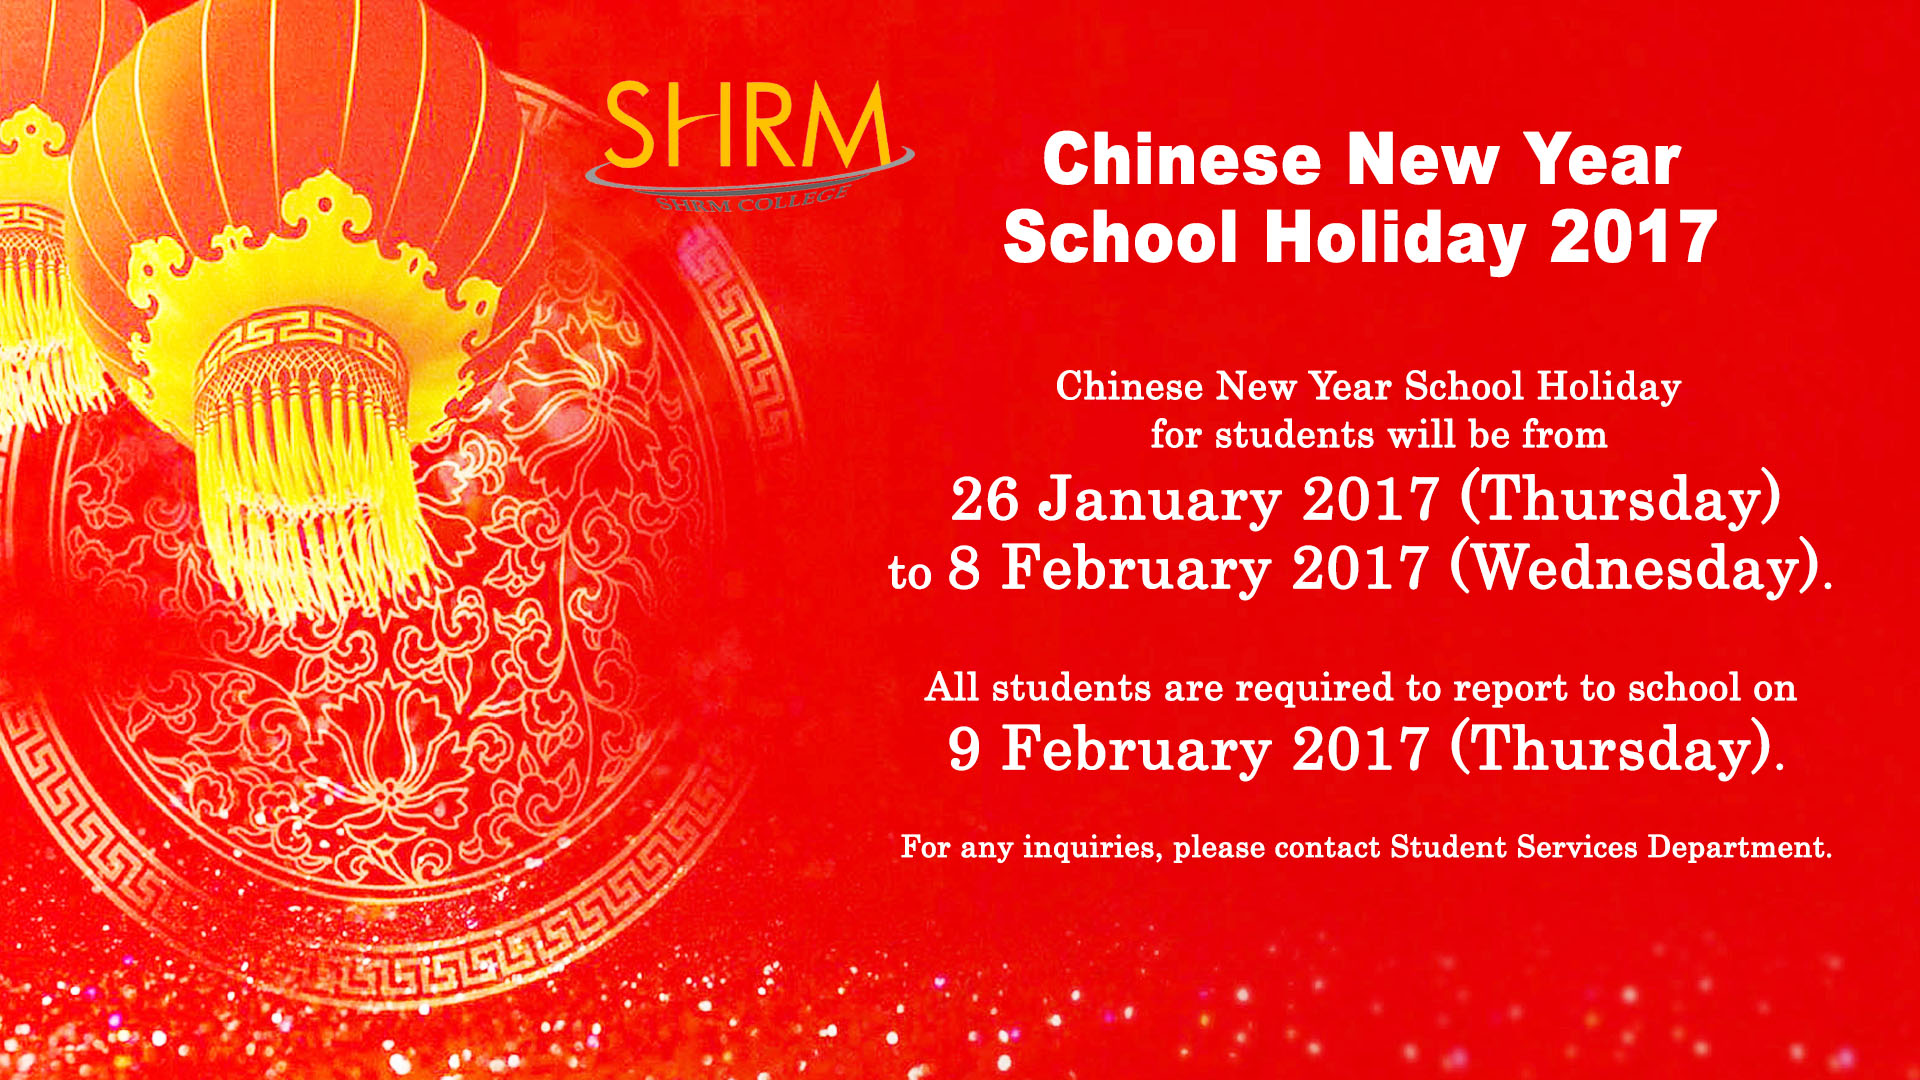 Китайский новый год в 2017 году будет